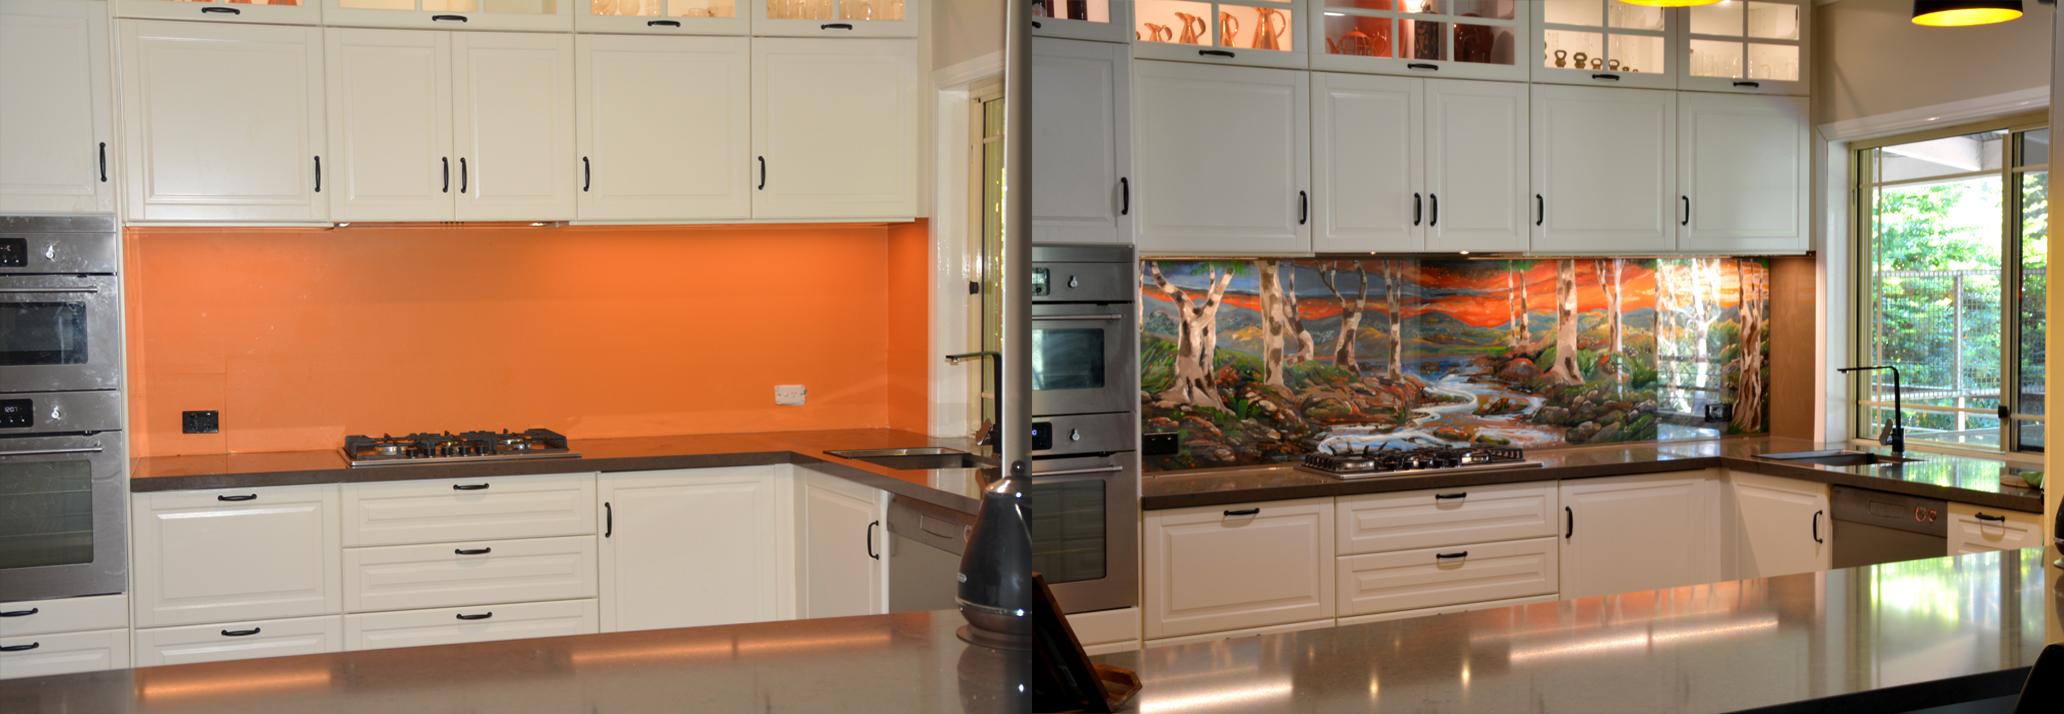 Tailored Artworks - Real Art Kitchen Splashbacks 000